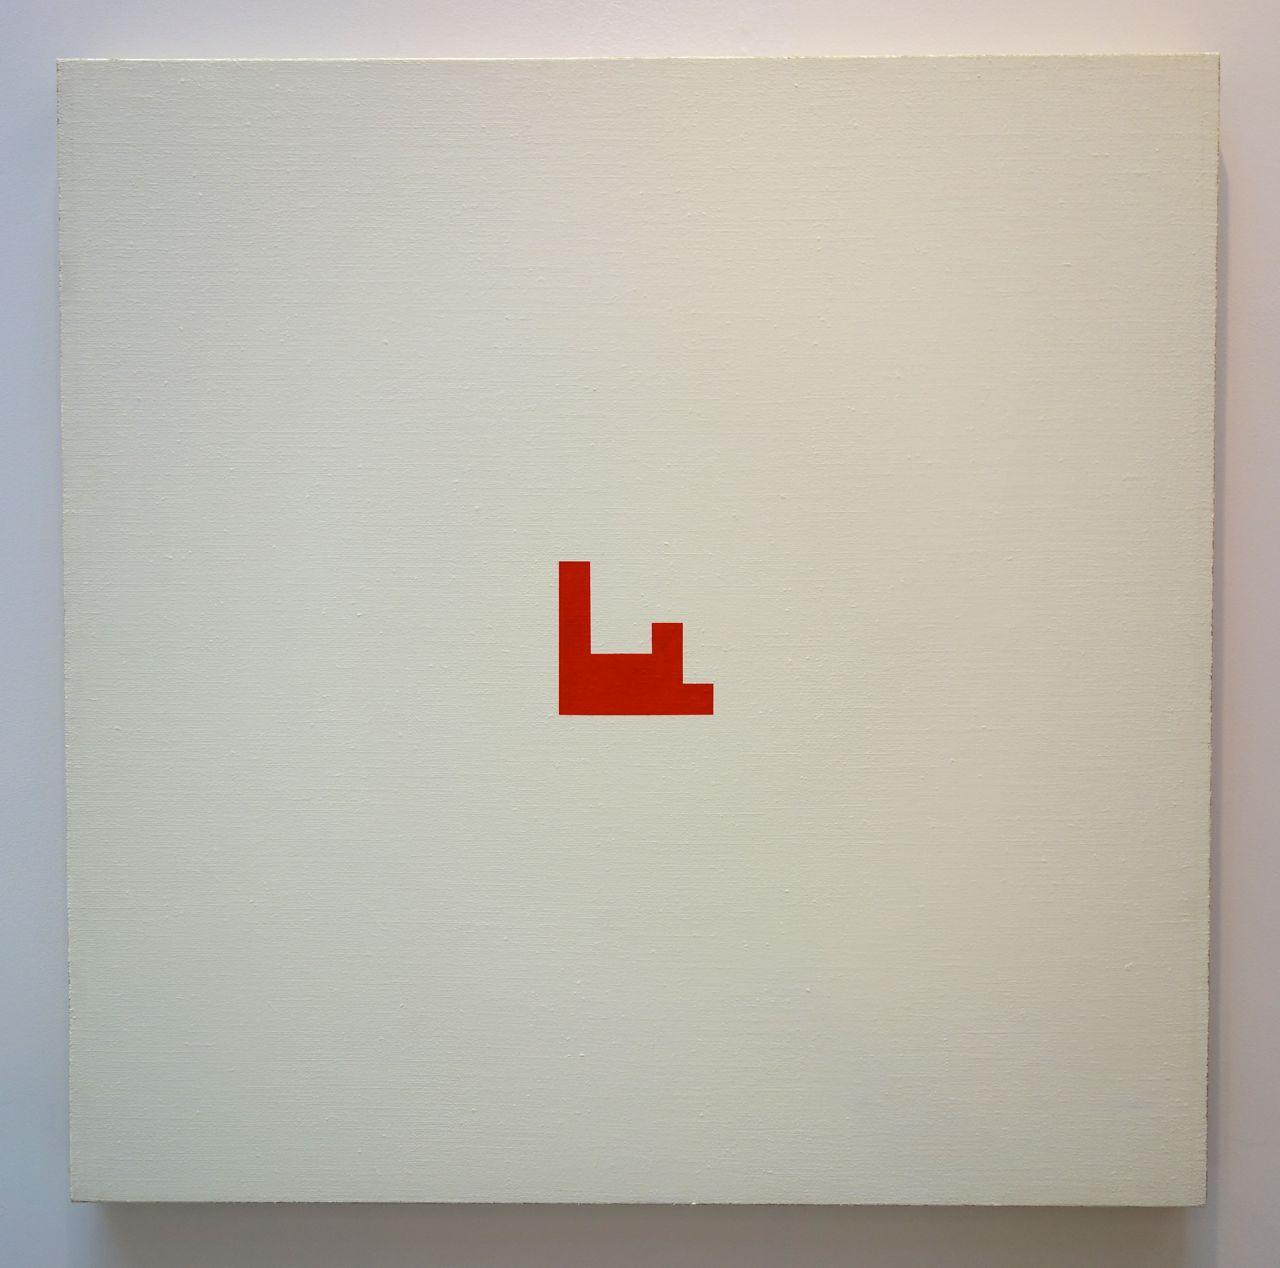 Diet Sayler, 'Arrigo', 1998, Acrylic on canvas on wood, 93 x 93 x 5.3 cm, 418 Gallery (Romania)